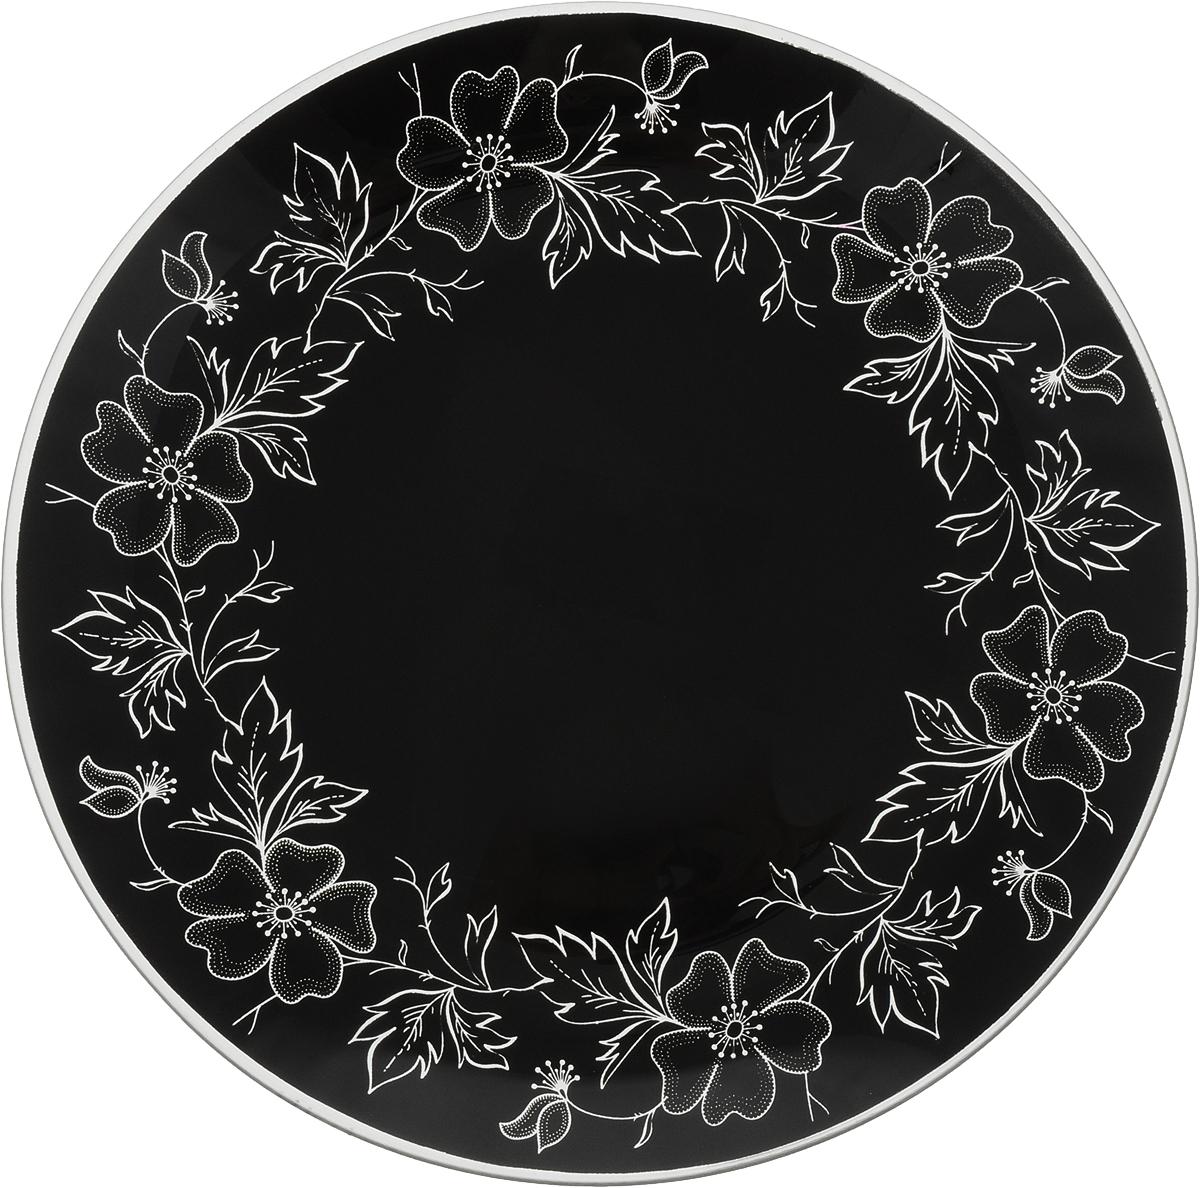 Тарелка Nina Glass Лара, цвет: черный, диаметр 26 смNG85-260-075BКруглая тарелка Nina Glass Лара выполнена из моллированного стекла. Высокая температура спекания делает изделие литым, сплошным, не боящимся в дальнейшем царапин. Такую посуду можно мыть в посудомоечной машине. Краска не отстанет, а поверхность безопасна при контакте с любой пищей. Такая тарелка будет служить вам долгое время.